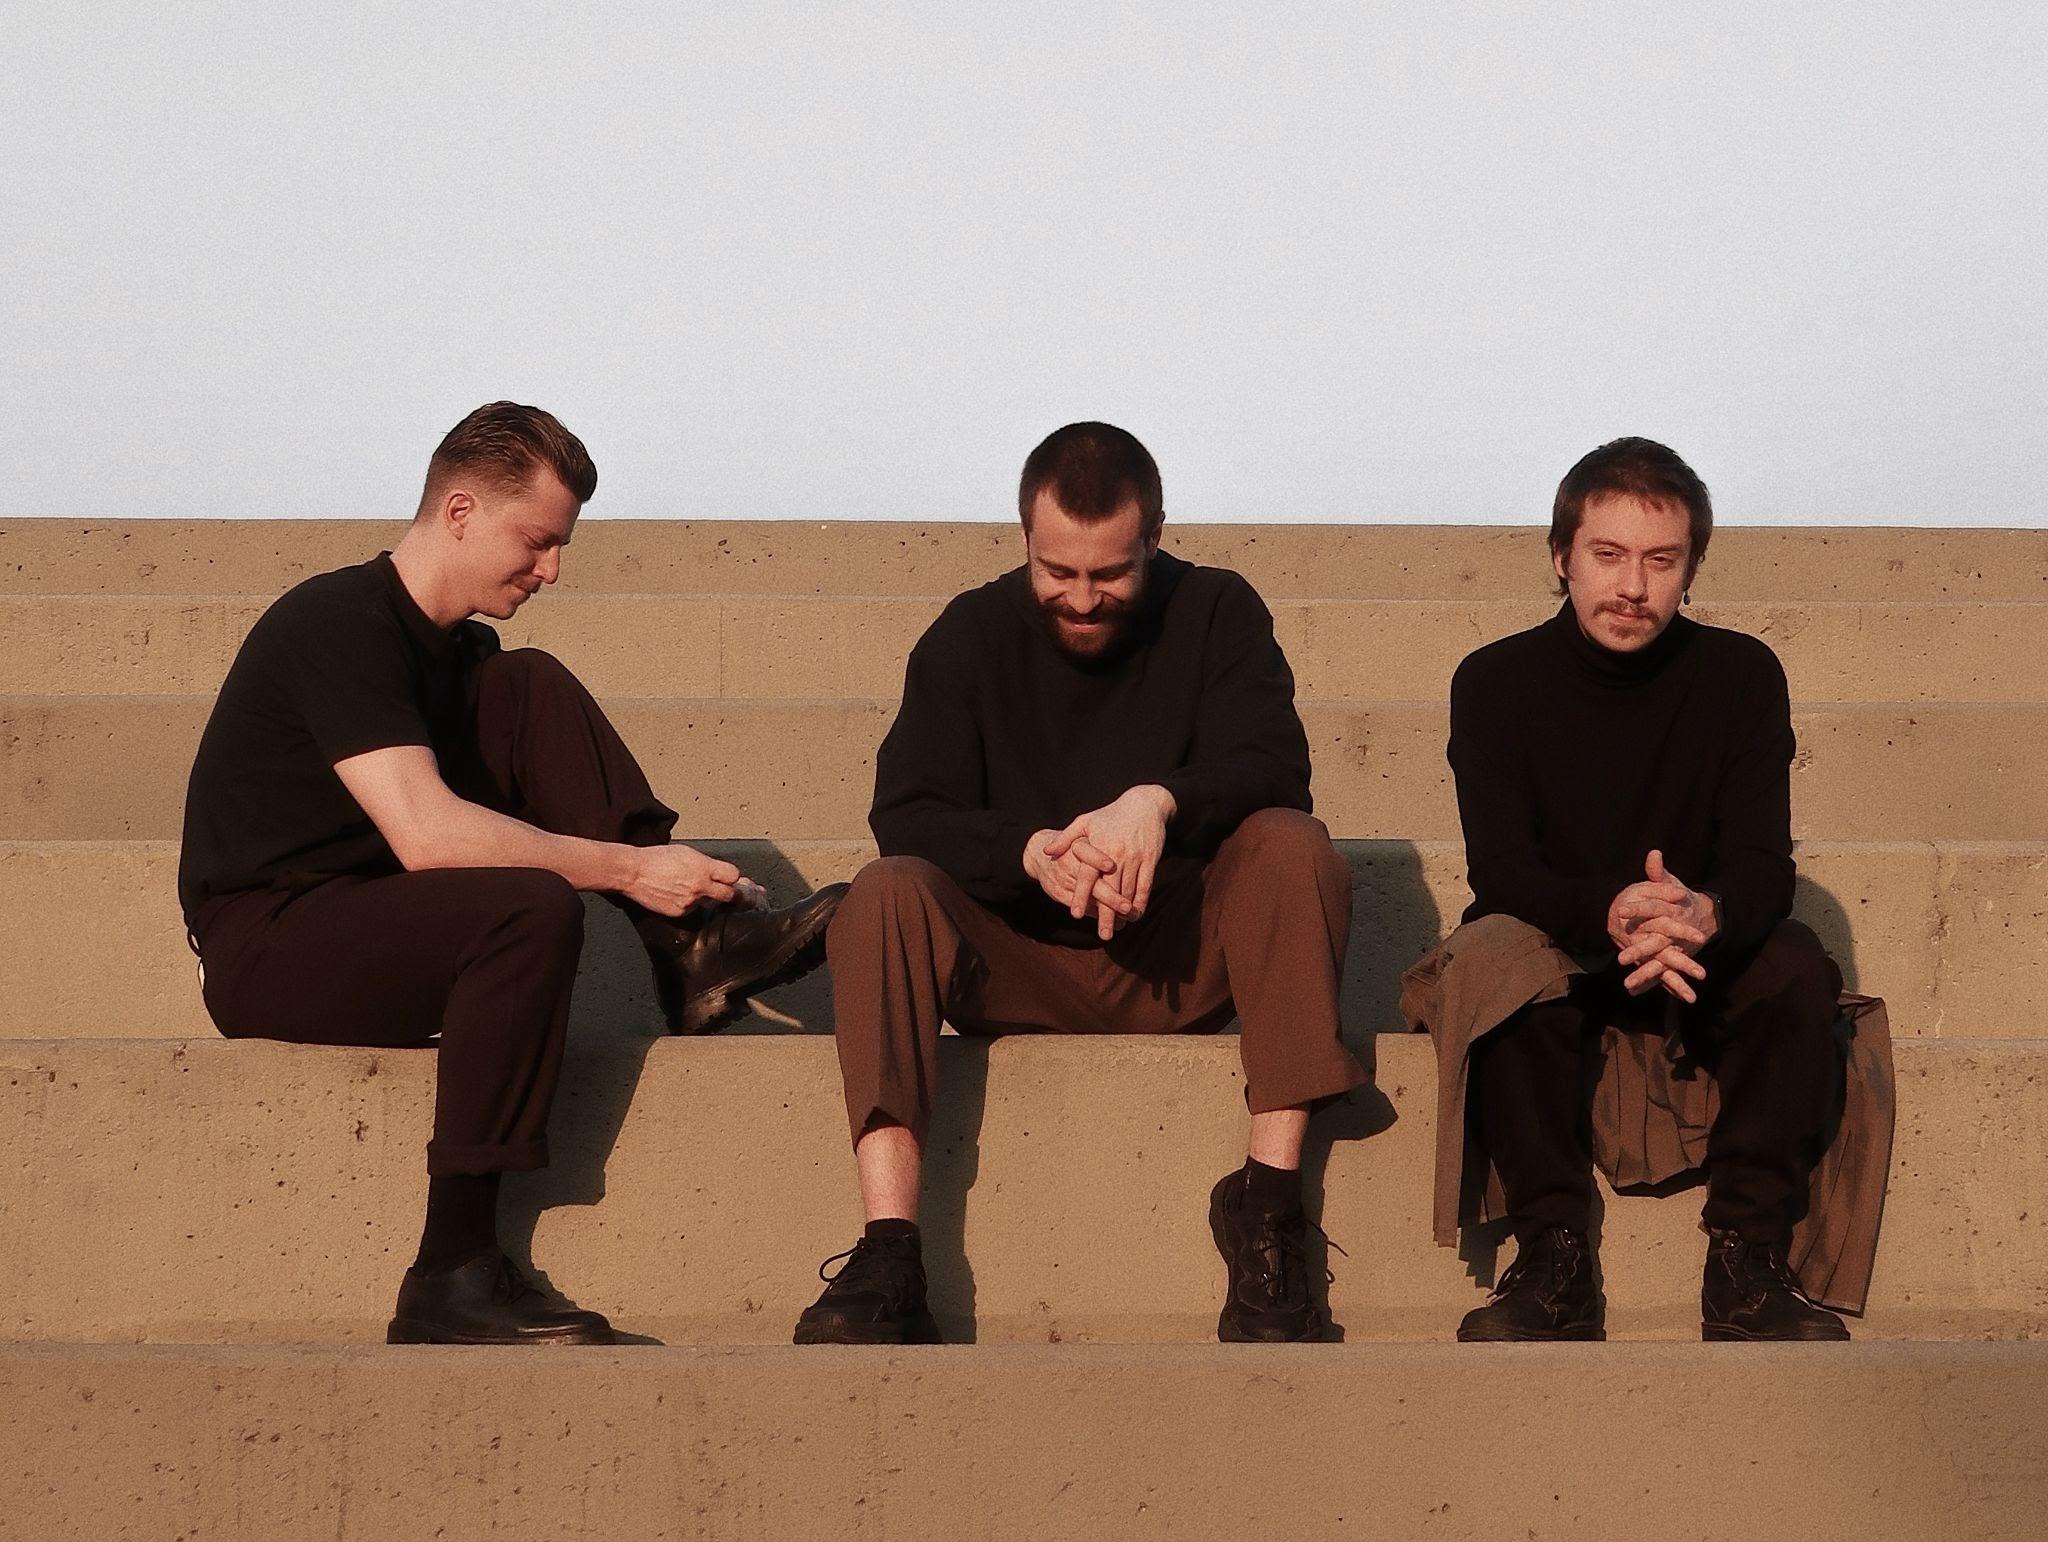 Scalene capta a temperatura de tempo febril em single que fecha ciclo da banda com o baterista Philipe Nogueira